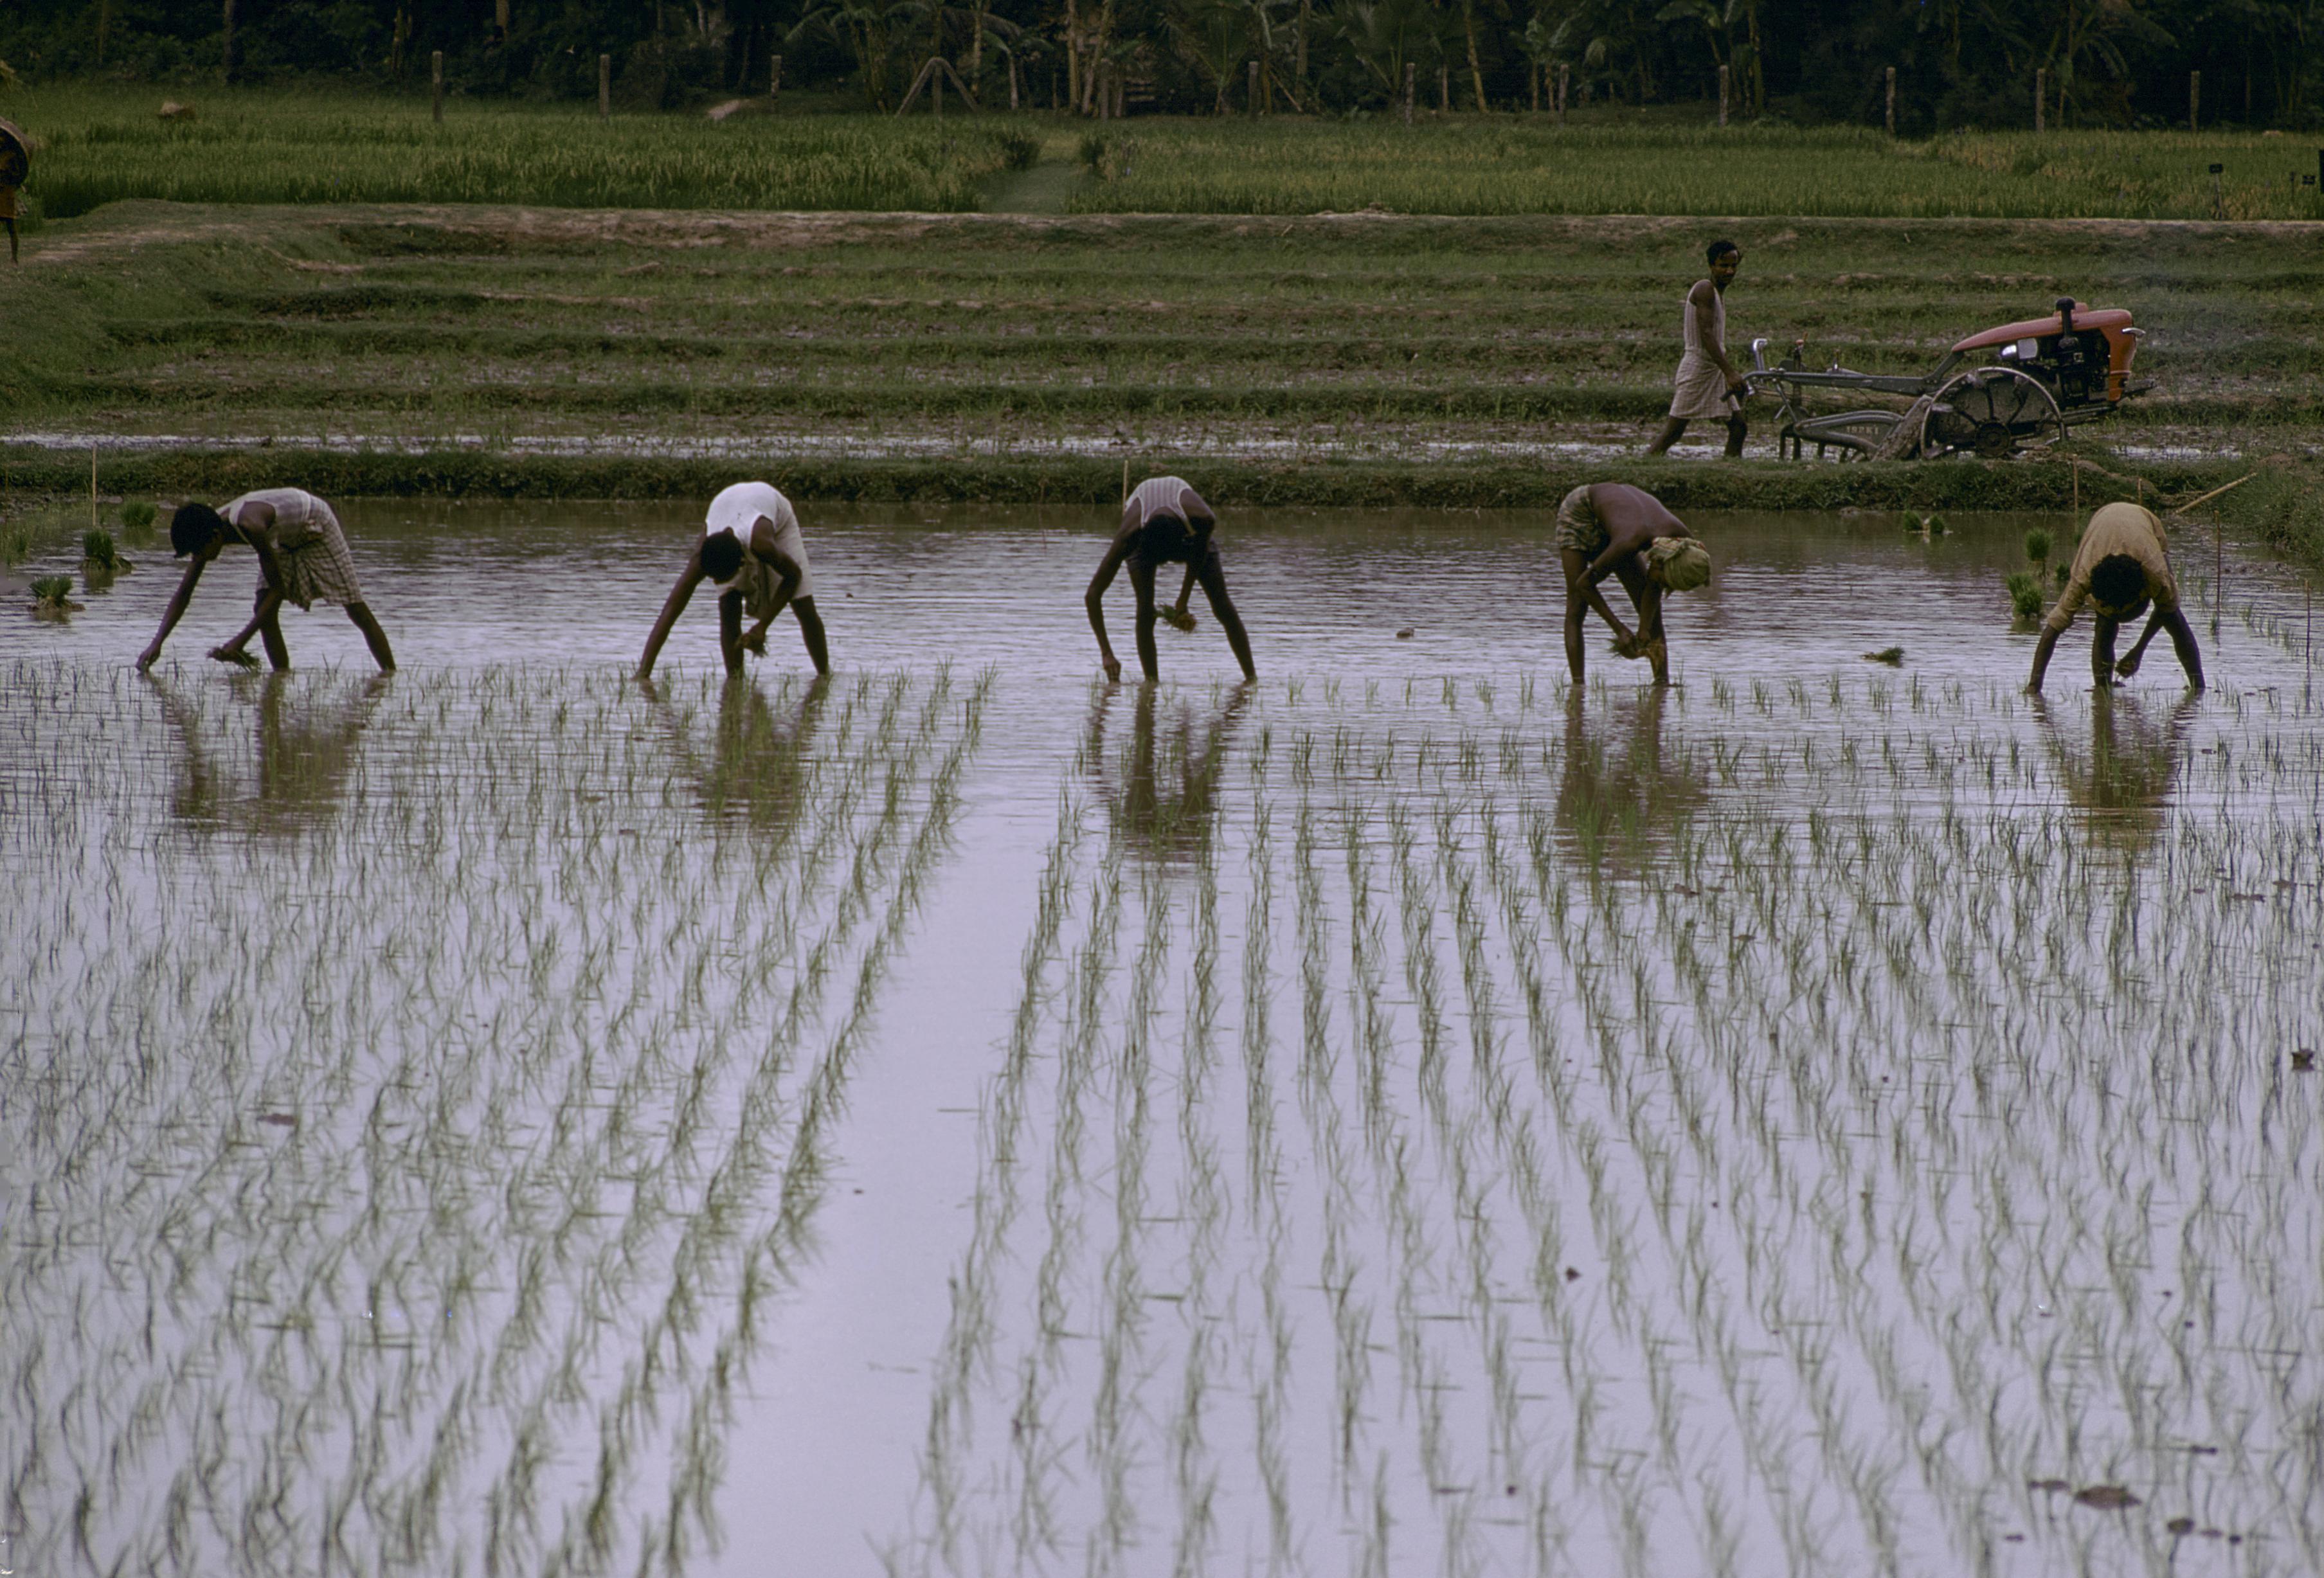 Le fonctionnement du marché de travail dans les zones rurales en Tanzanie